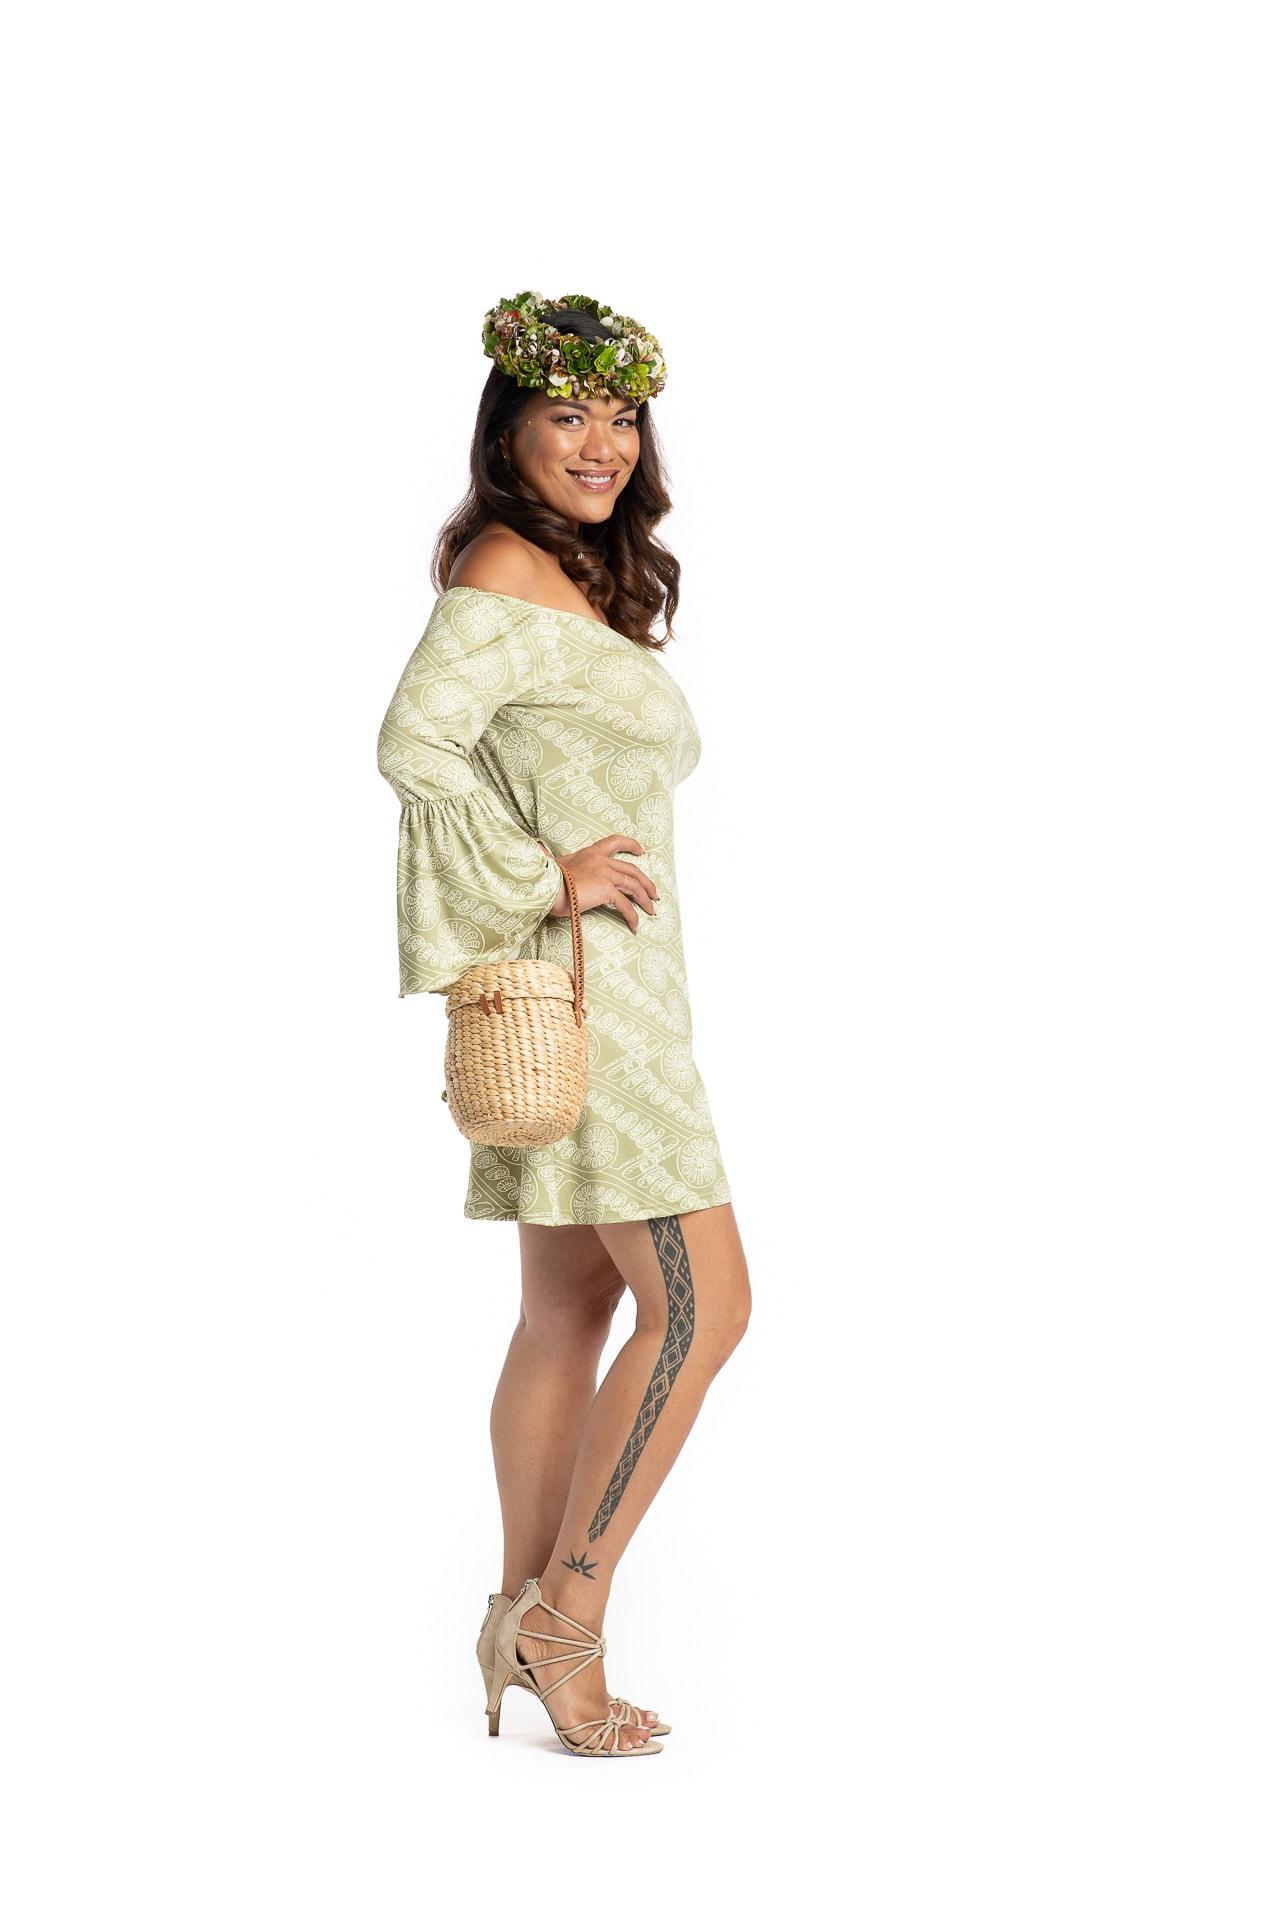 Model wearing Mele Short Dress in Amau Green - Side View